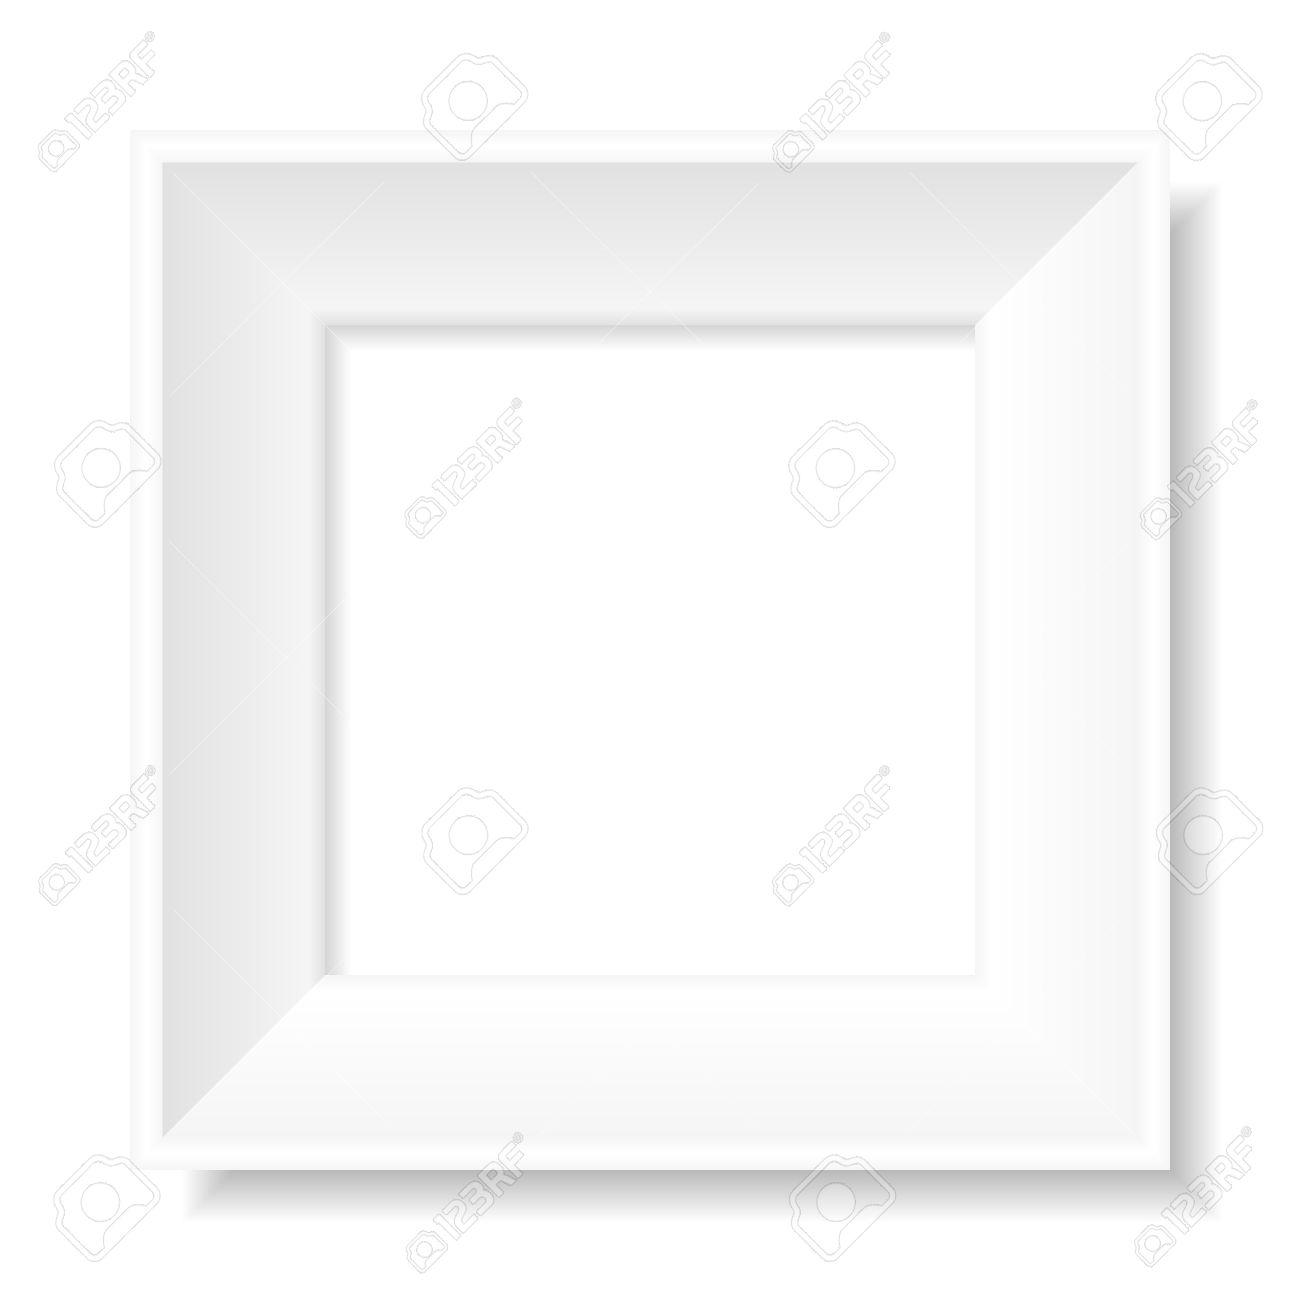 Marco De Imagen Cuadrado Blanco Vacío Ilustraciones Vectoriales ...